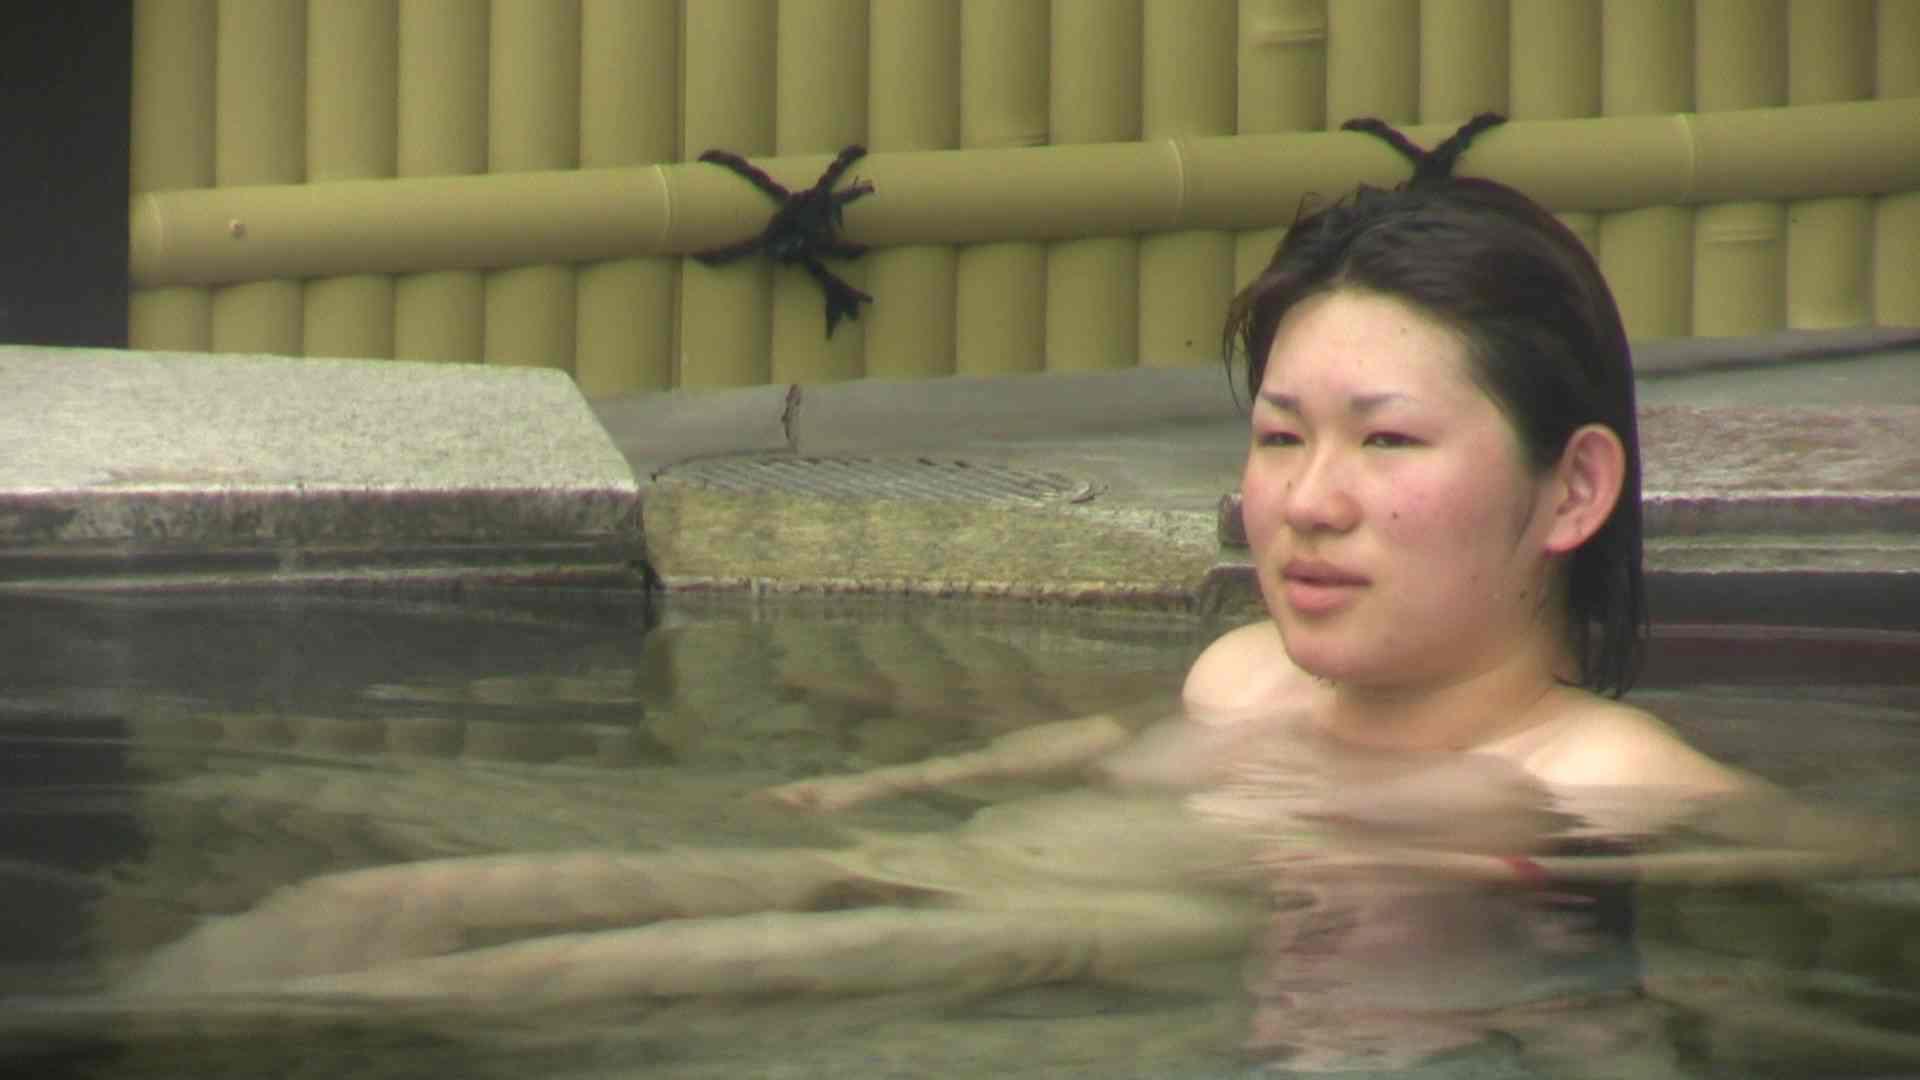 Aquaな露天風呂Vol.673 美しいOLの裸体  99pic 75